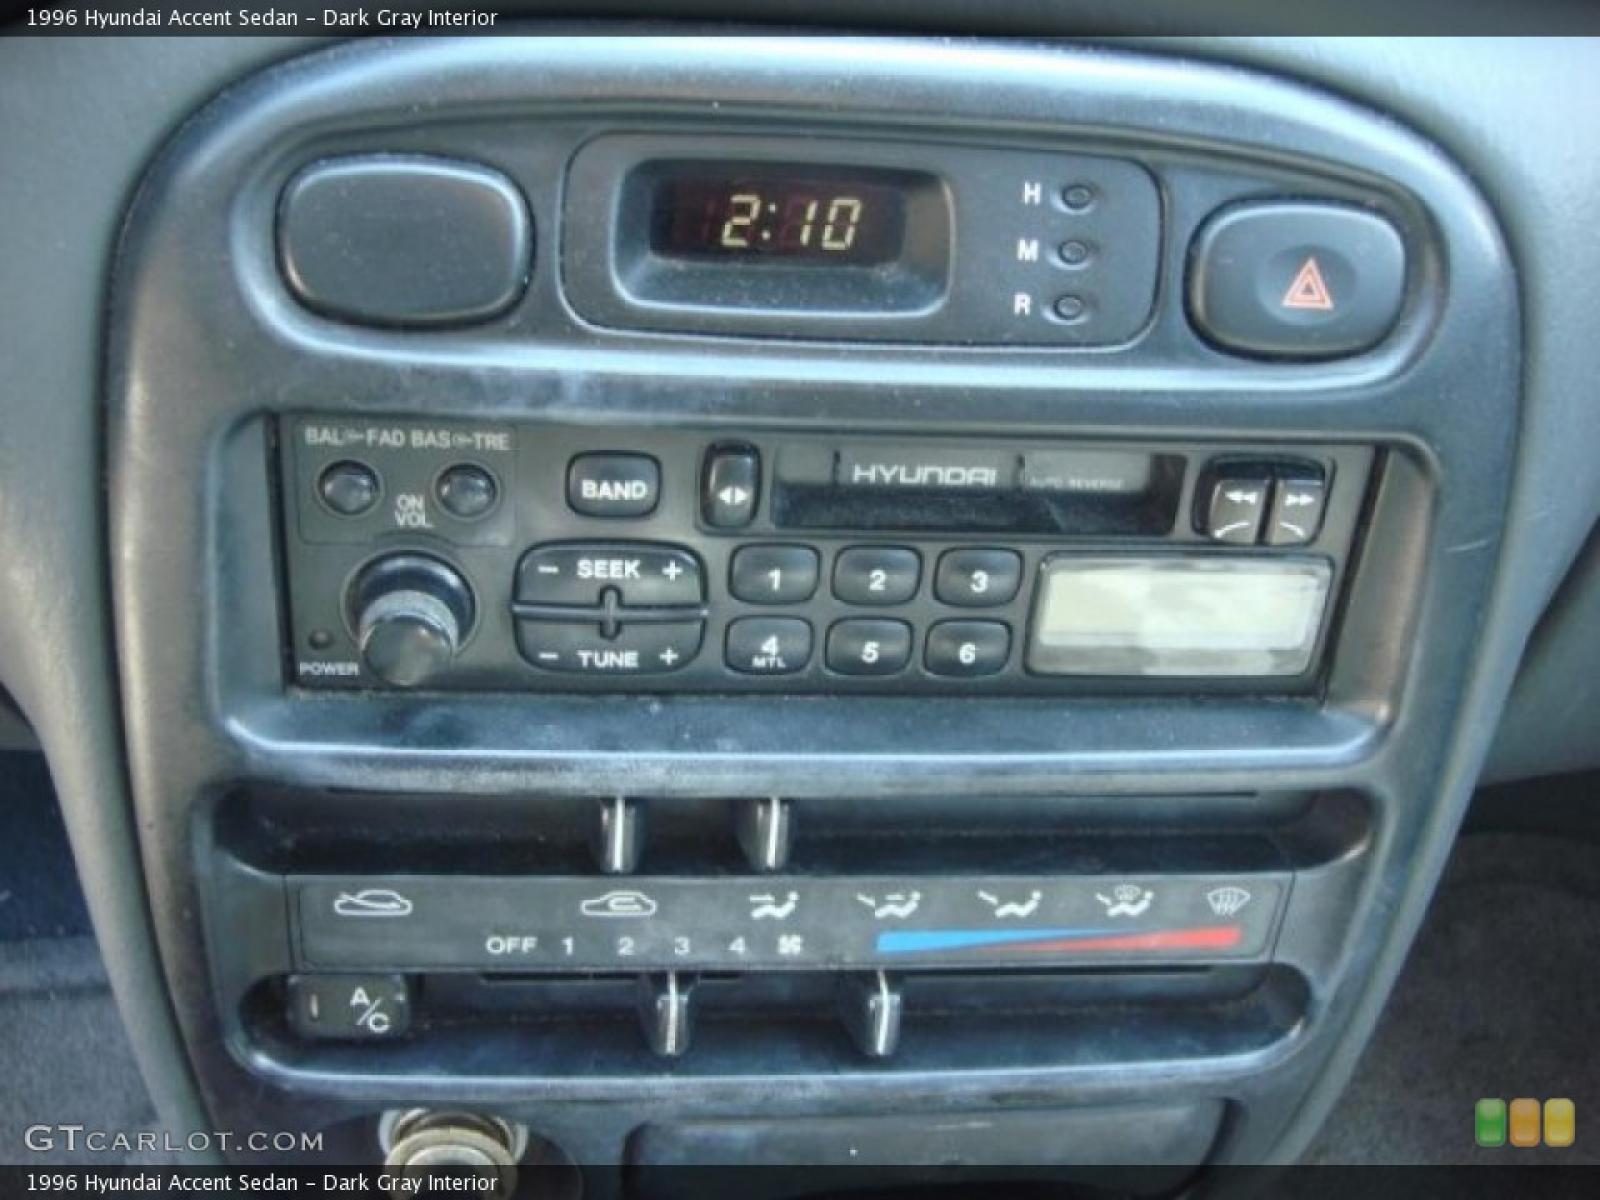 800 1024 1280 1600 origin 1996 Hyundai Accent ...